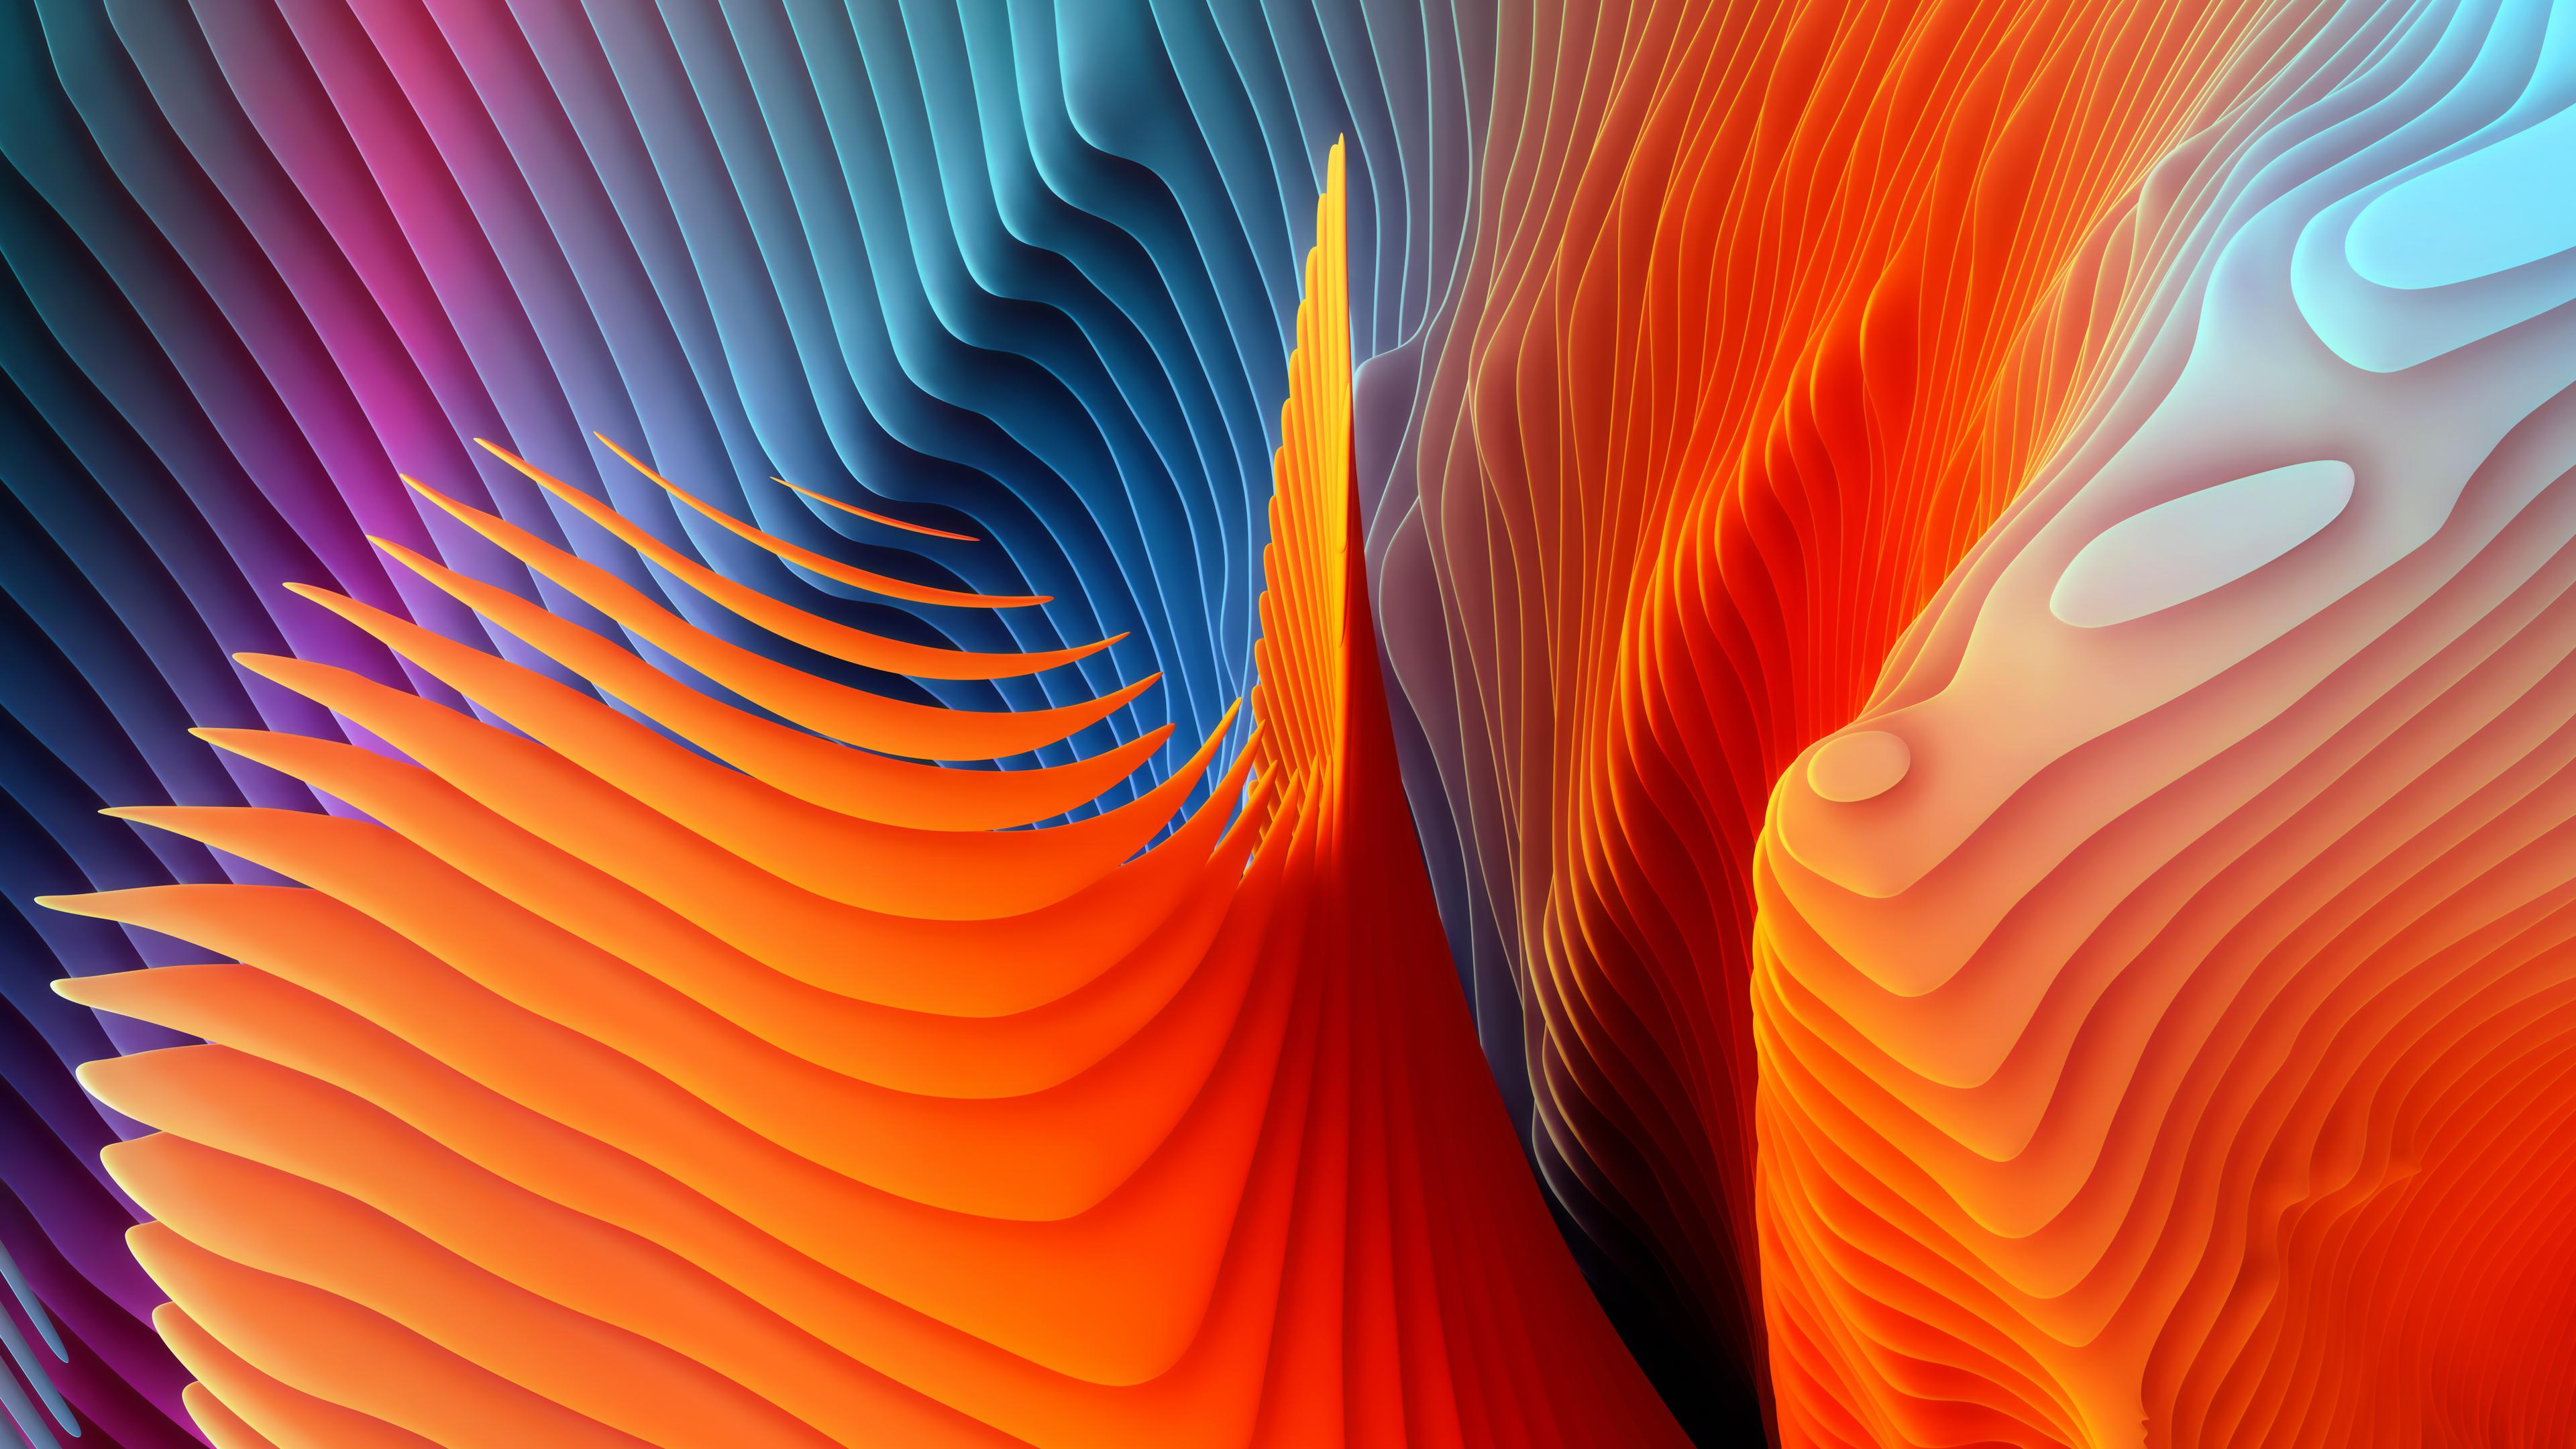 mac os sierra abstract shapes 1539370775 - Mac OS Sierra Abstract Shapes - os sierra wallpapers, original wallpapers, hd-wallpapers, apple wallpapers, abstract wallpapers, 5k wallpapers, 4k-wallpapers